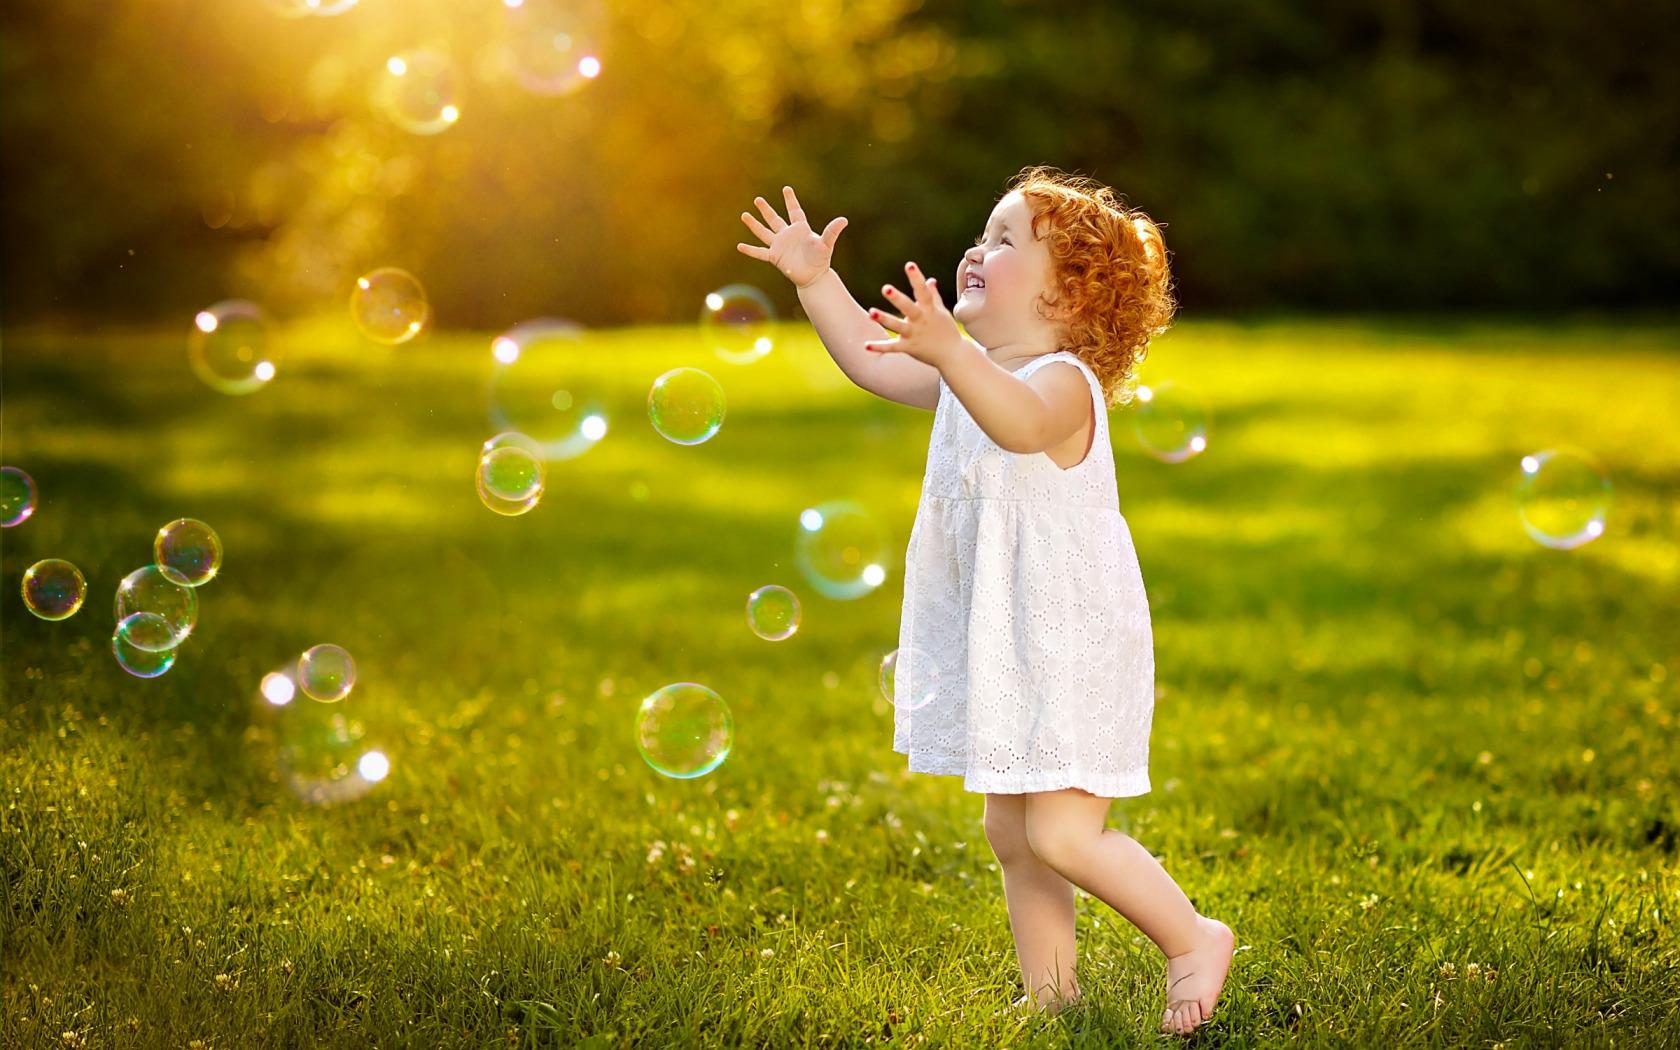 Открытка, картинки о детстве радости